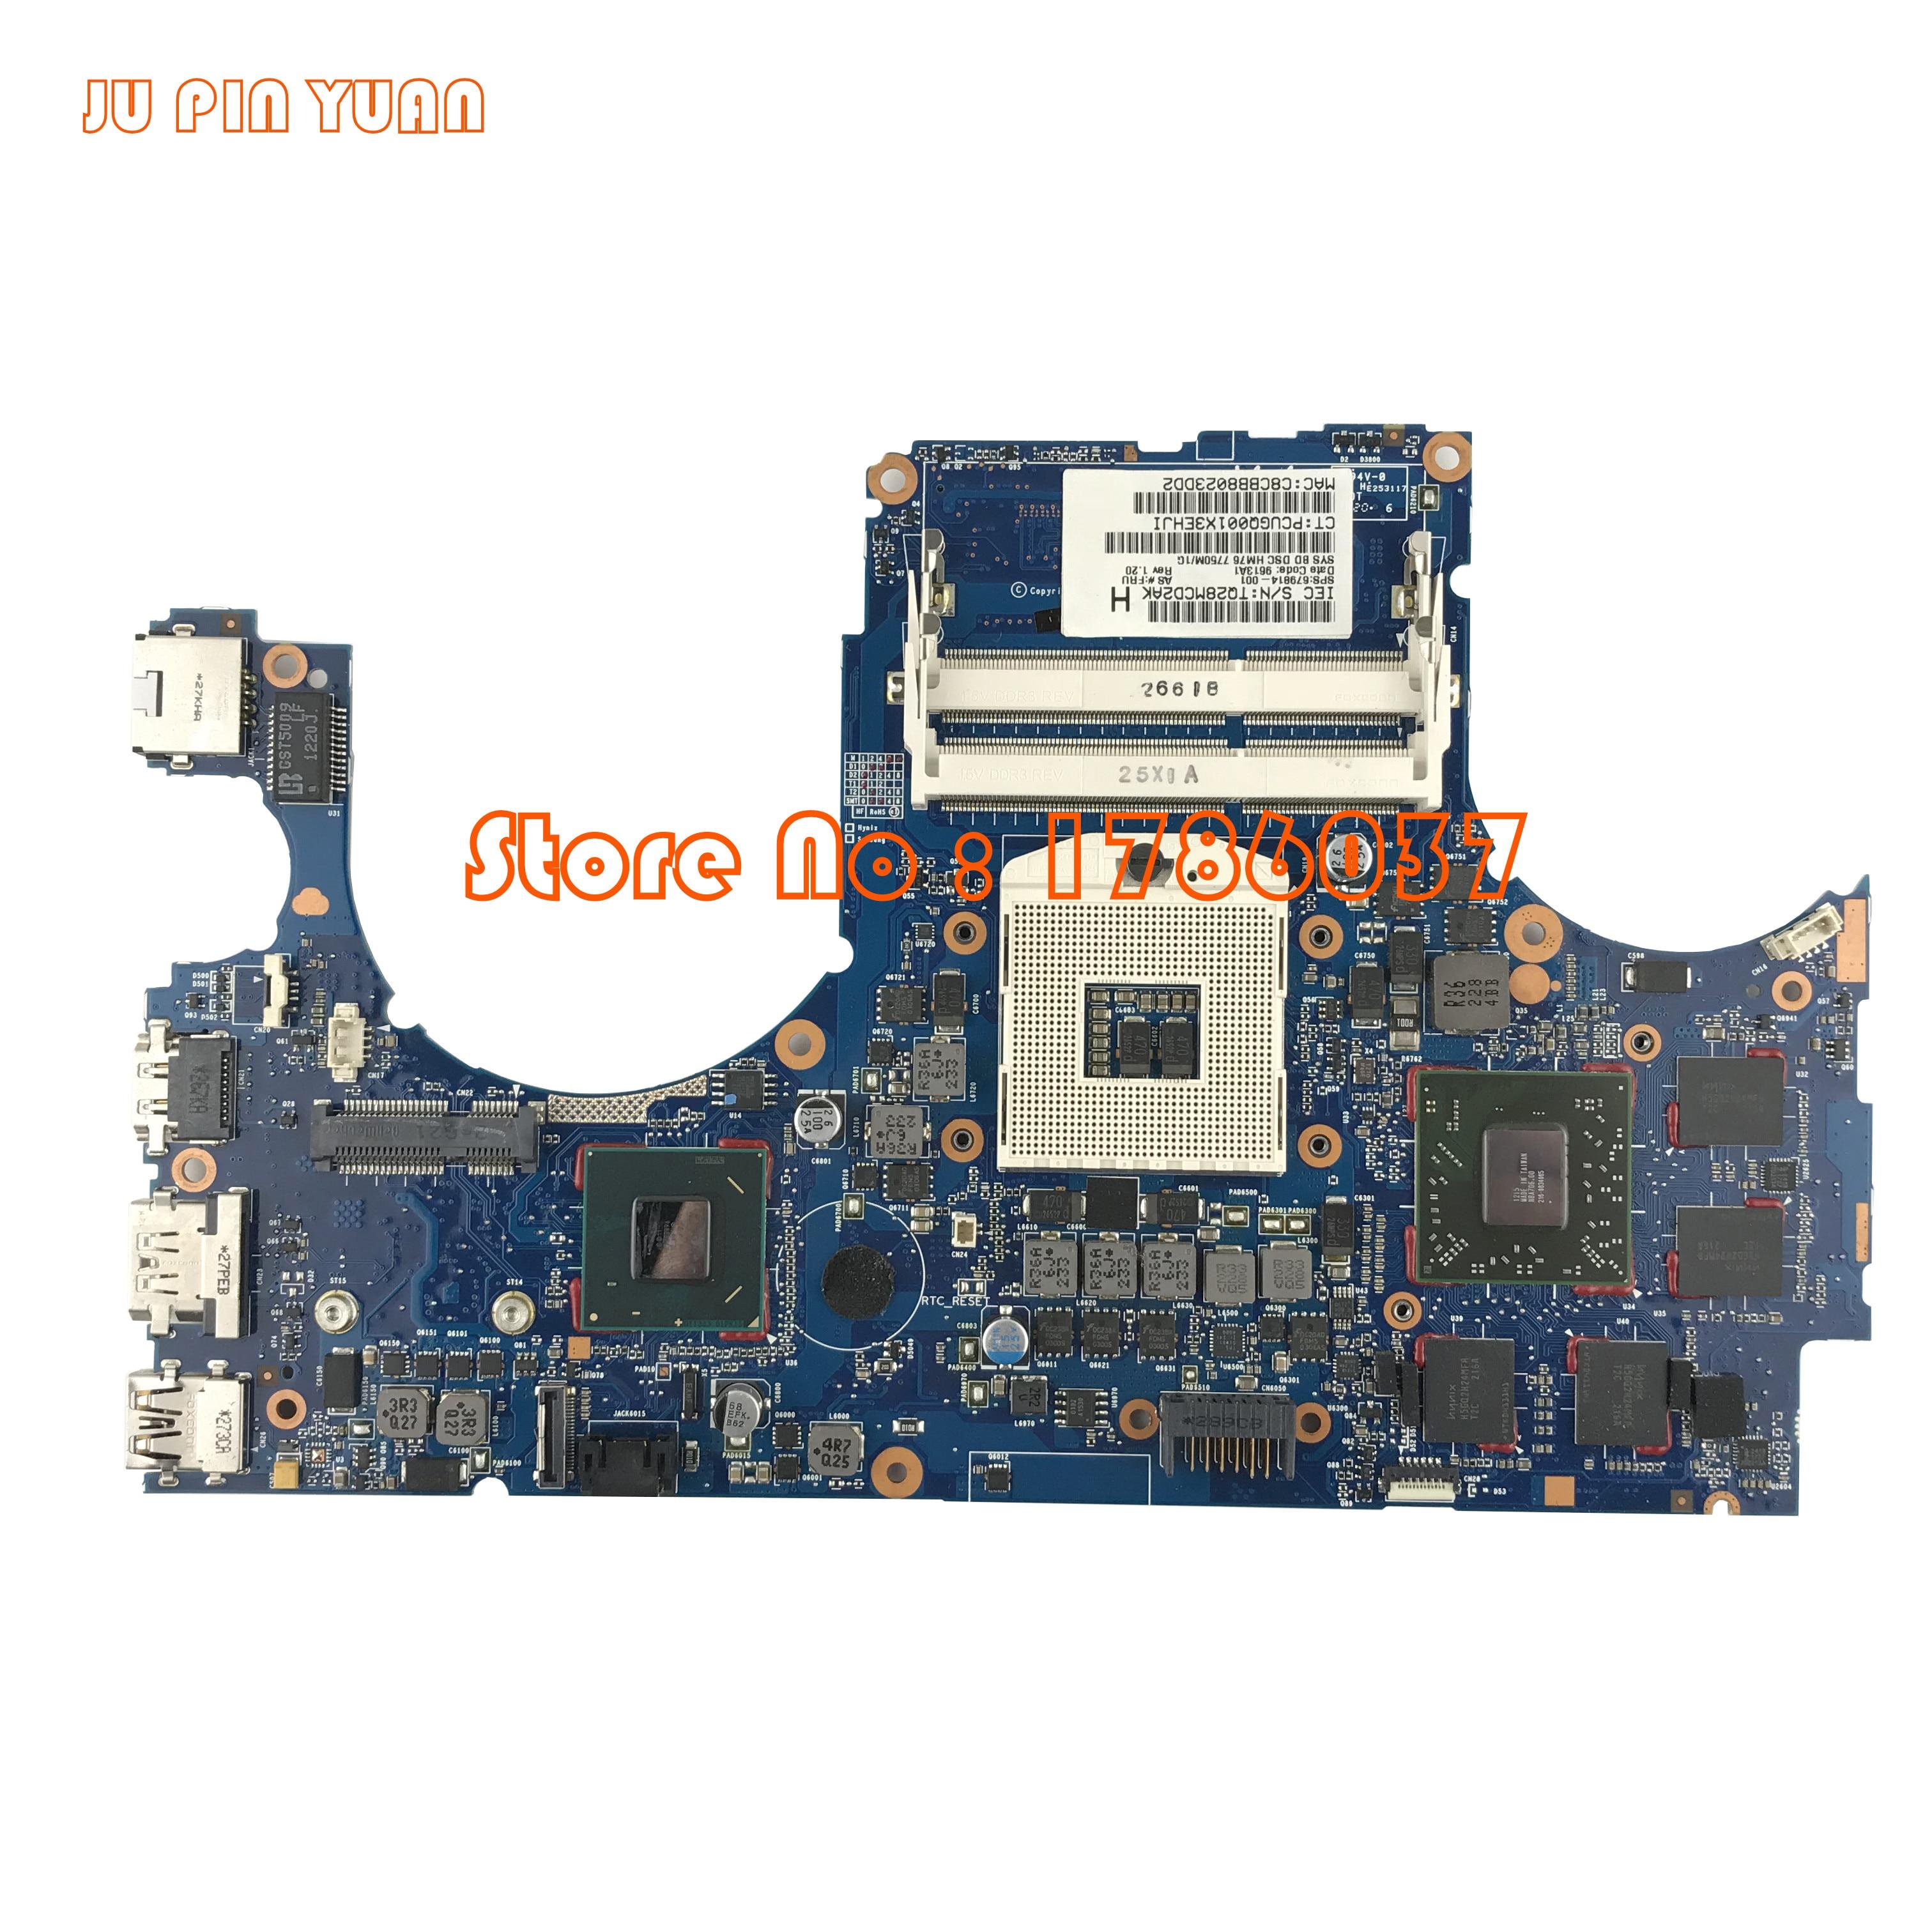 JU PIN YUAN 679814 001 For HP Envy 15 3000 15T 3200 series Laptop Motherboard HM76